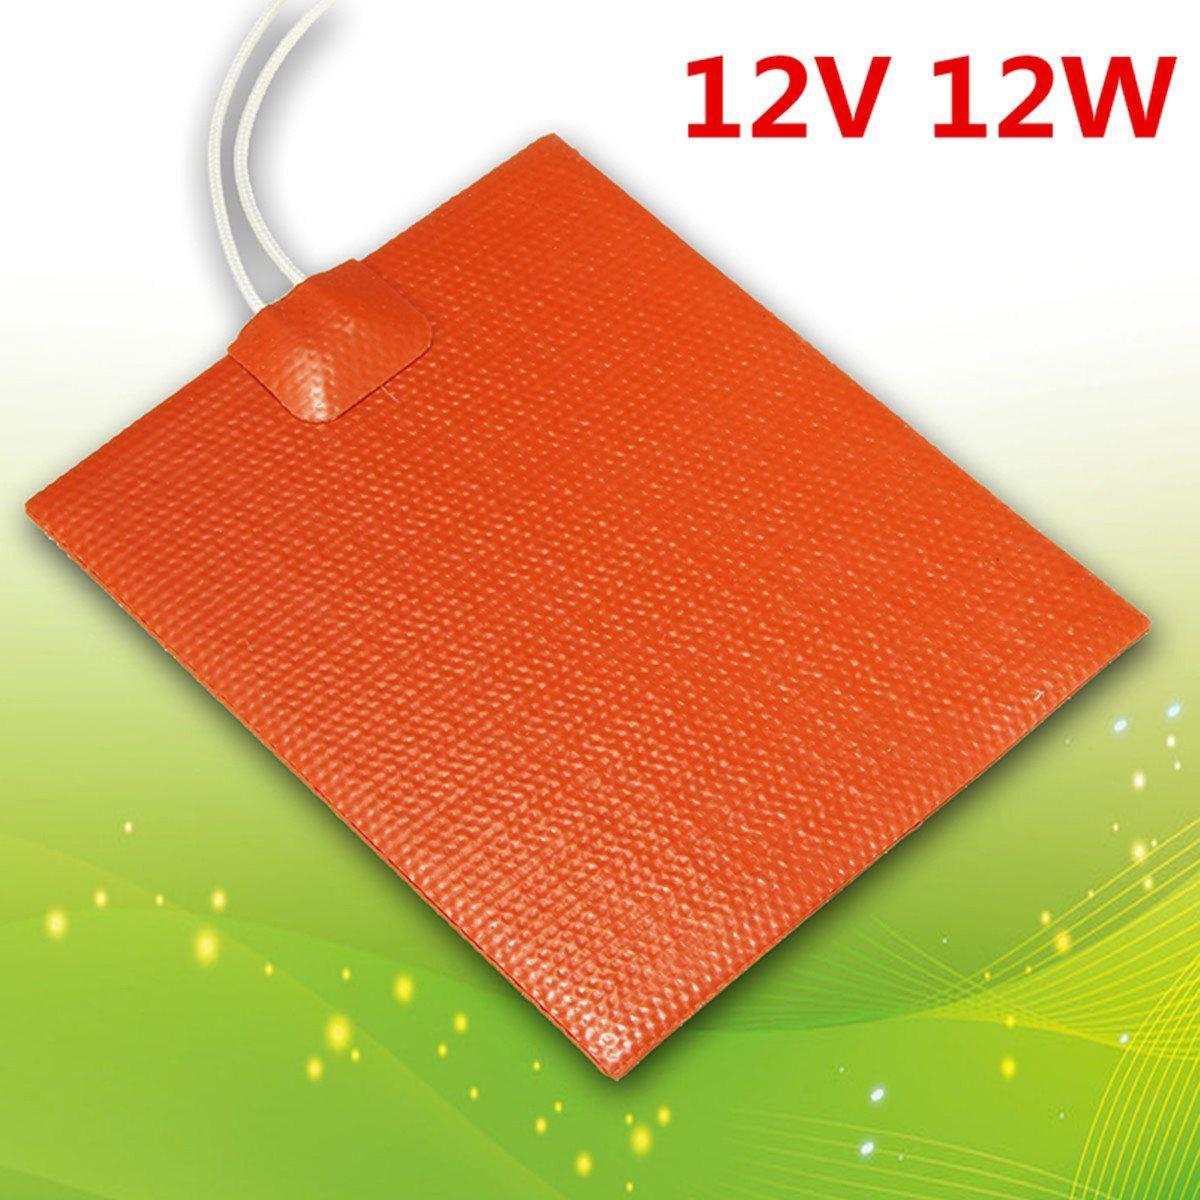 12x10 cm 12 V Hive Elektrische Heizung Platte Sparen Honig Imker bienenzucht Ausrüstung 12 Watt